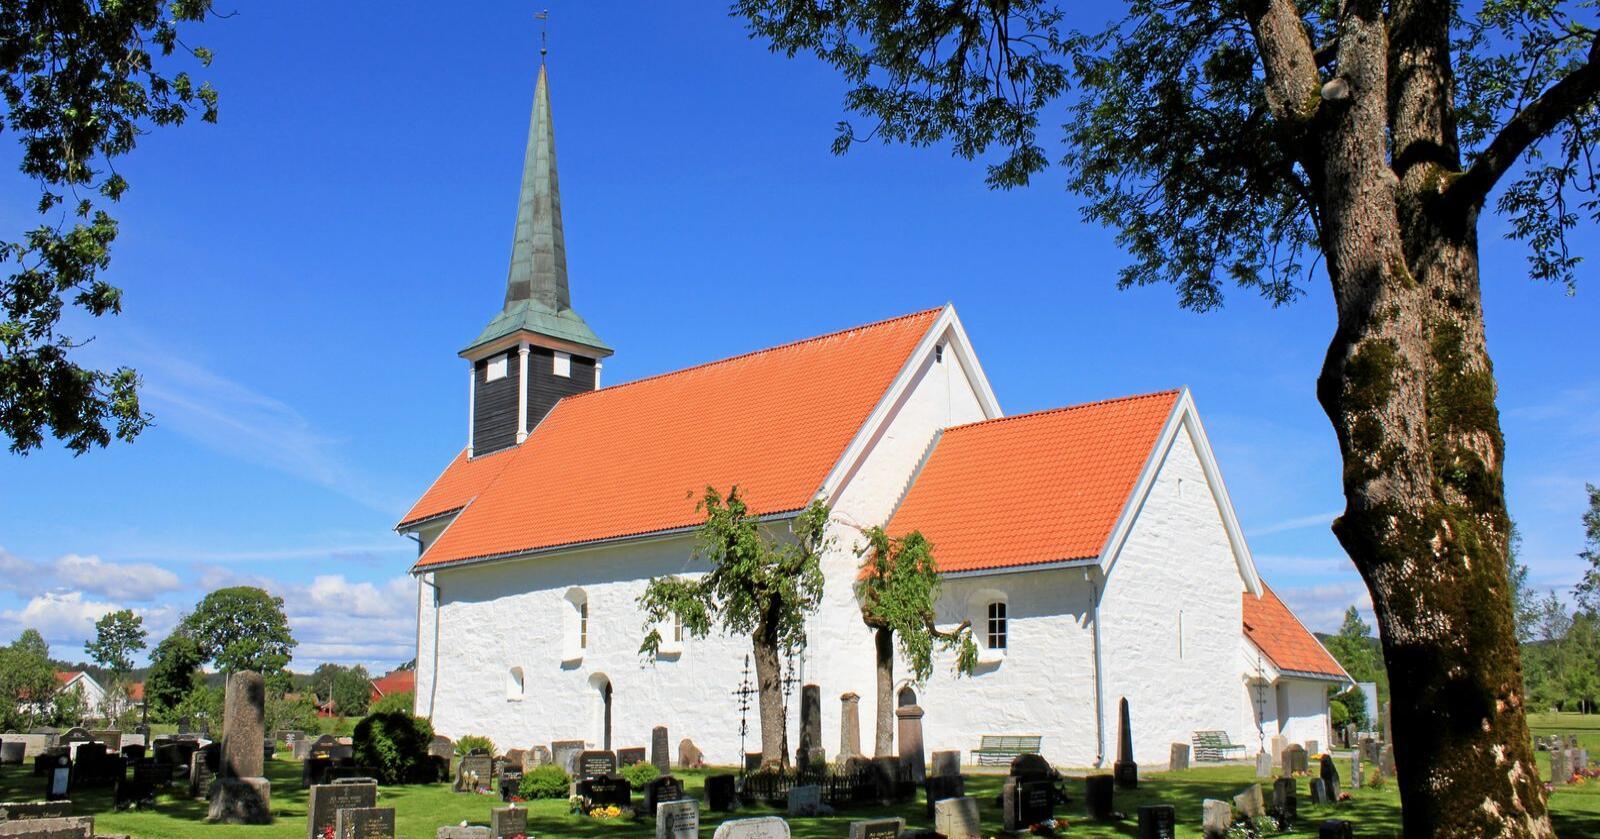 Middelalderkyrkje: Enebakk kirke i Viken. Foto: Øyvind Holmstad